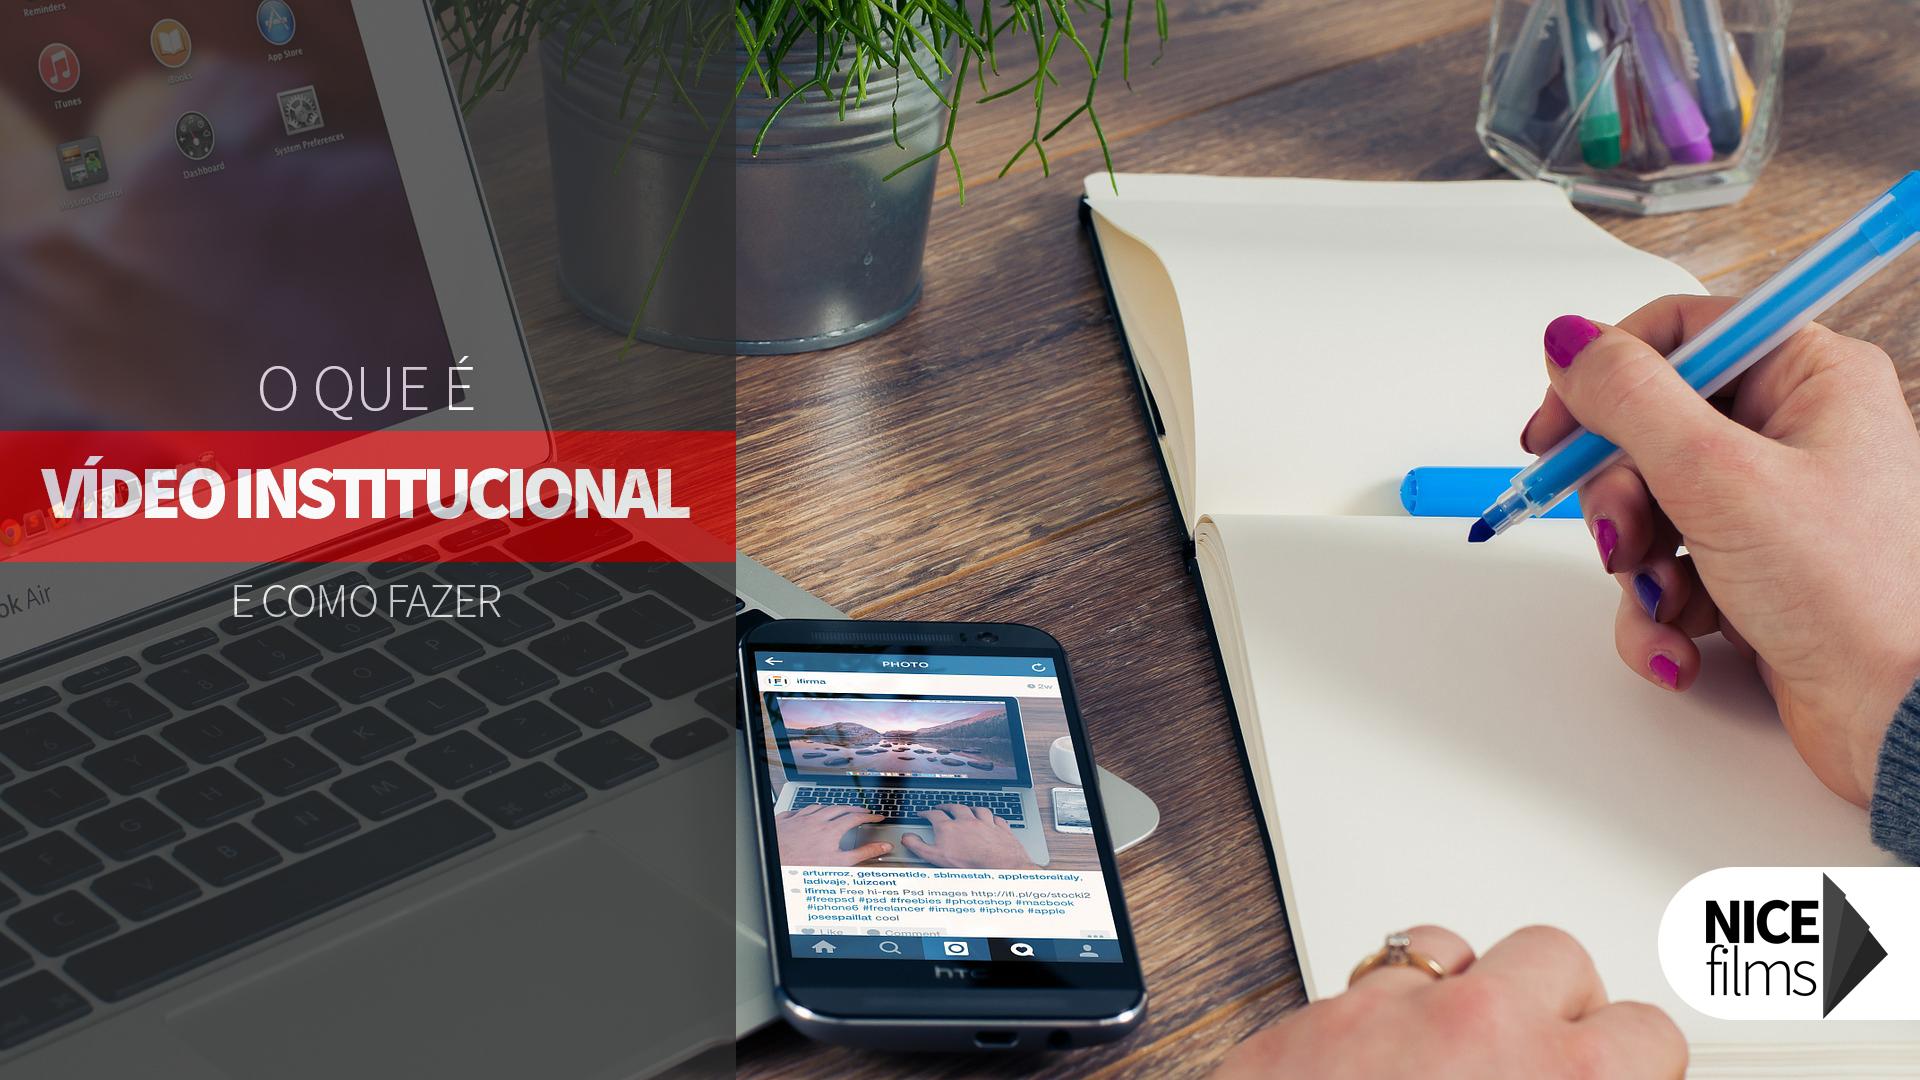 Vídeo Institucional O que é e Como Fazer